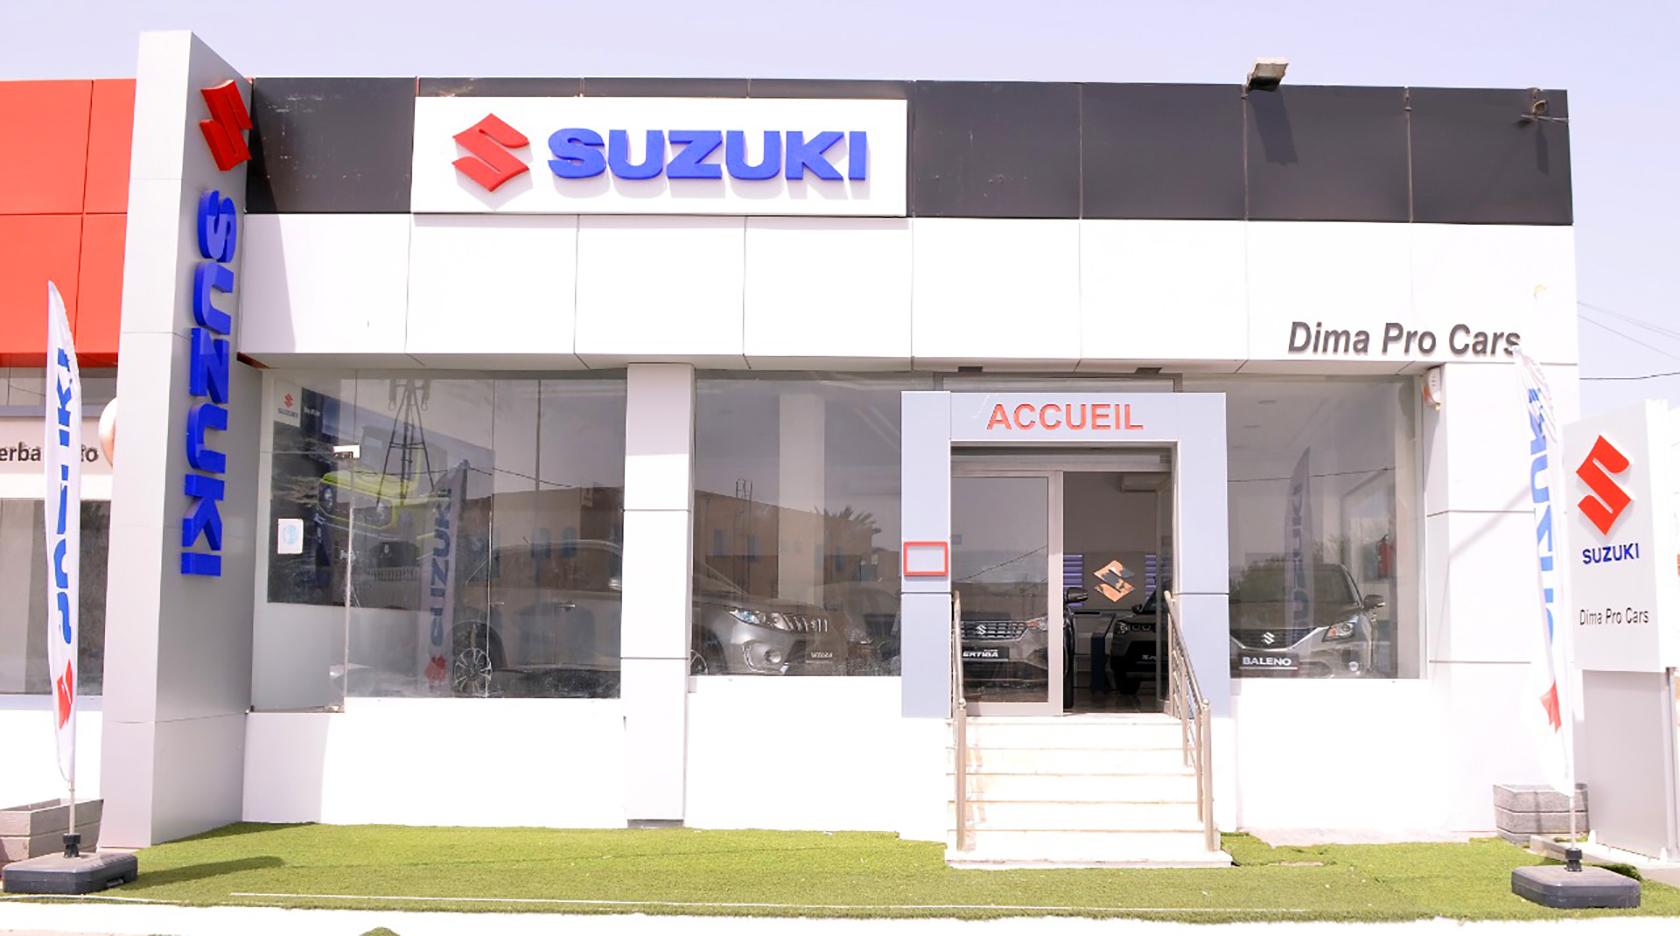 CARPRO concessionnaire SUZUKI en Tunisie annonce l'ouverture de sa quatrième agence à Djerba